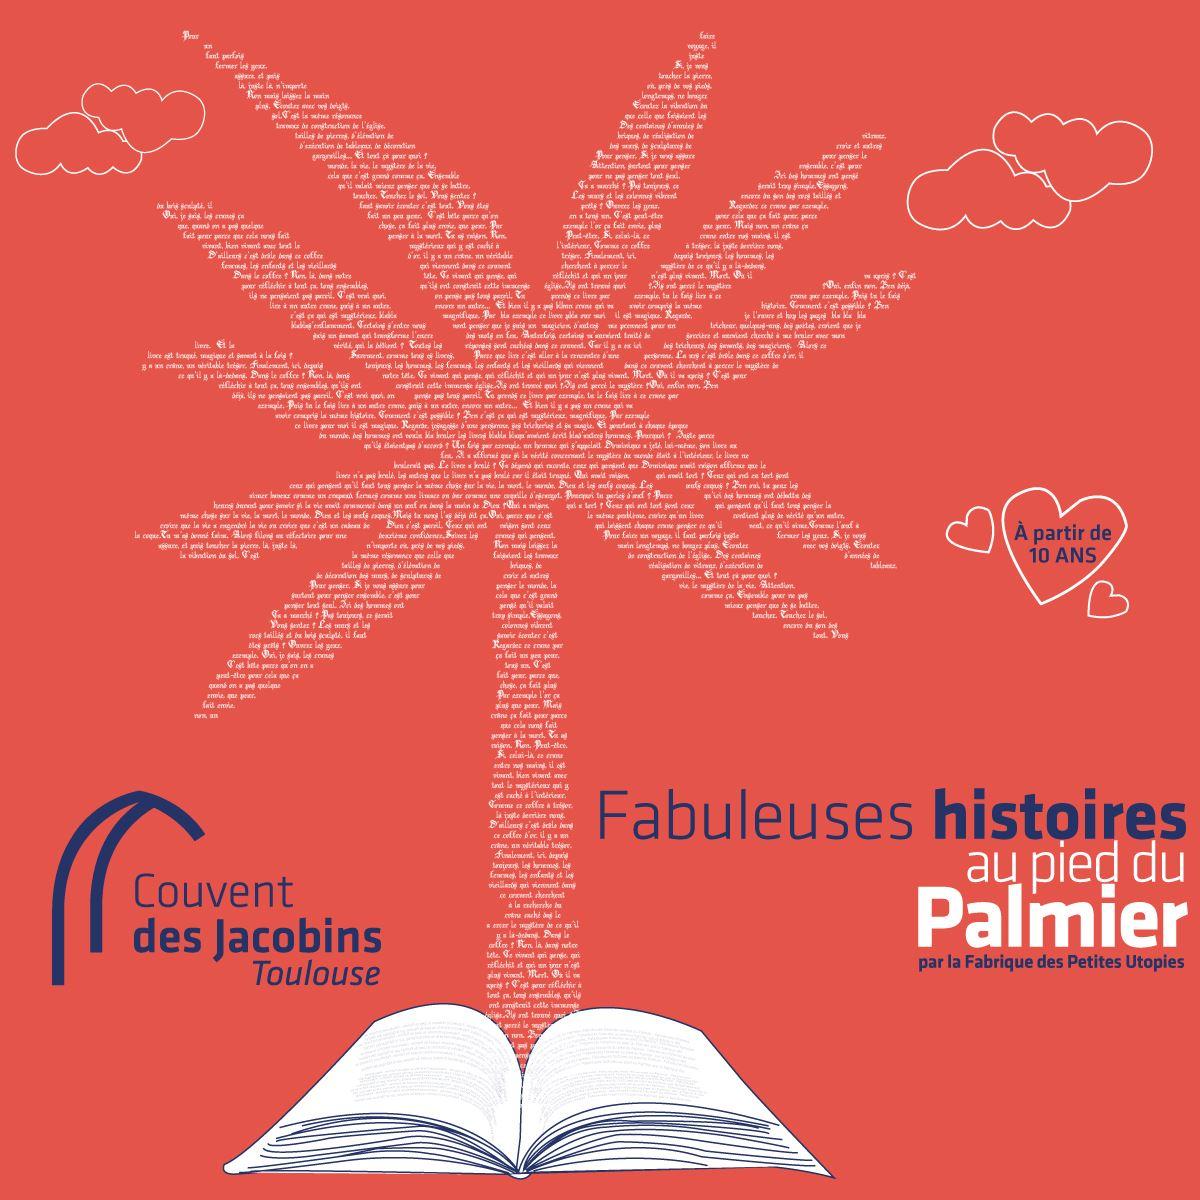 Fabuleuses histoires au pied du Palmier